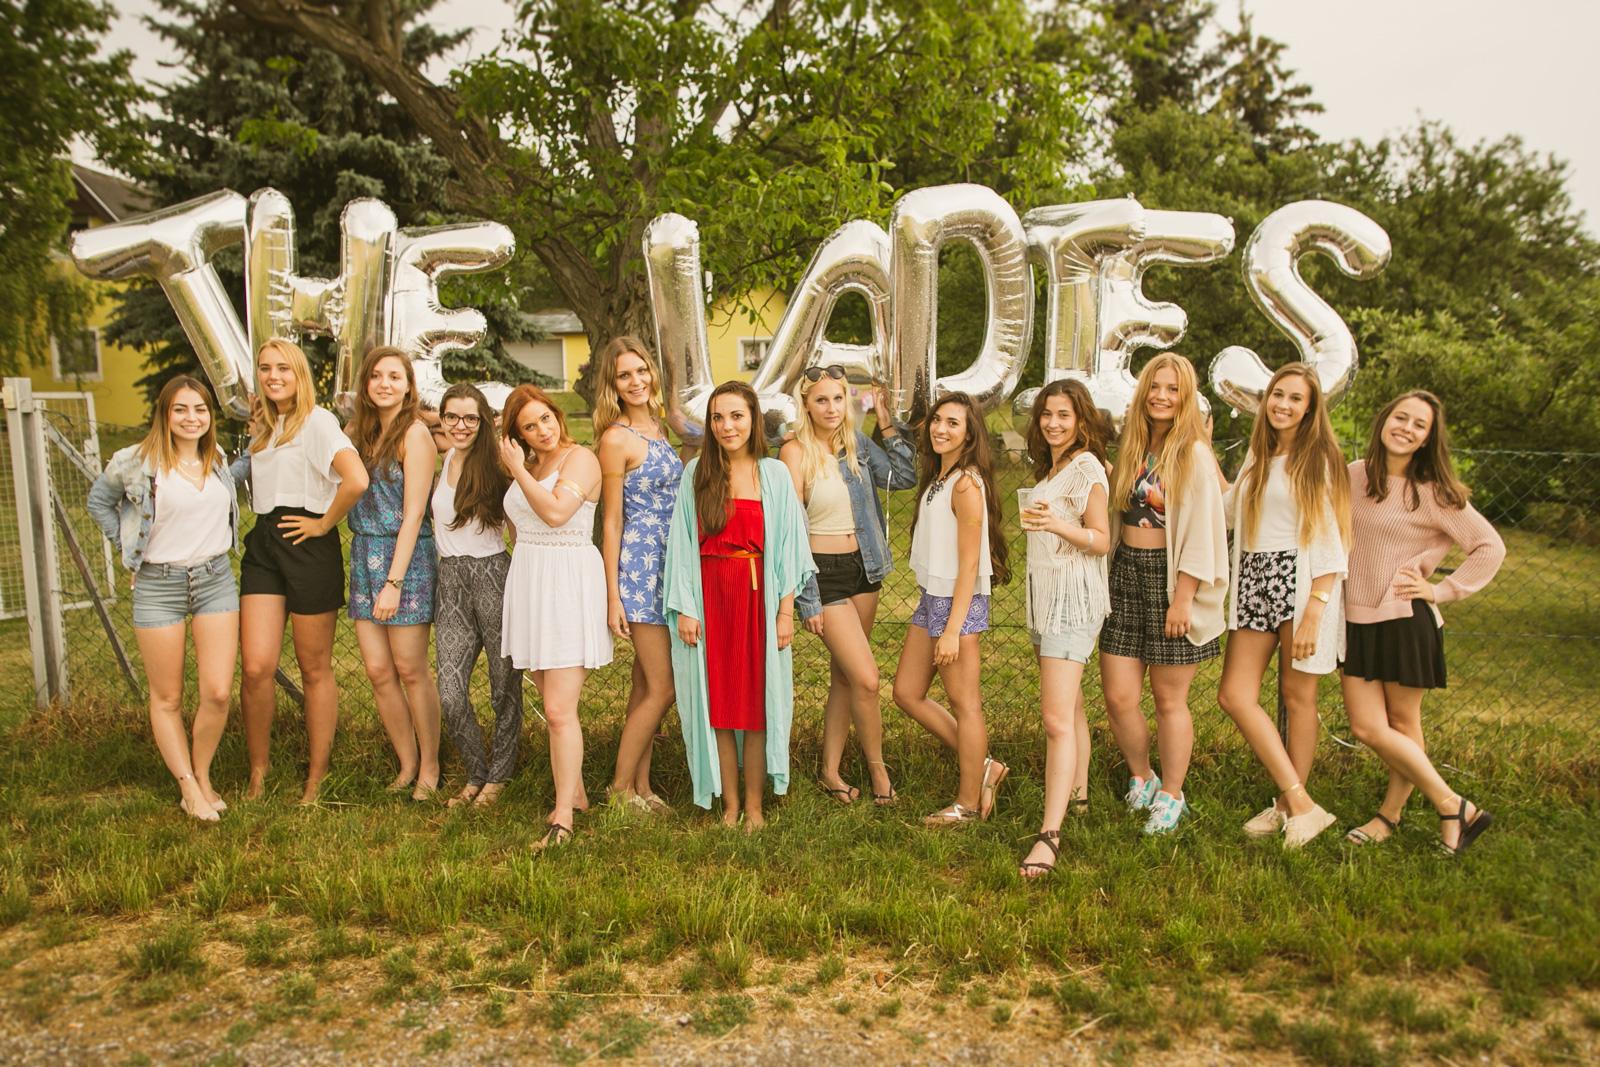 the ladies. 1 Jahres Feier | Tassels fürs Picknick